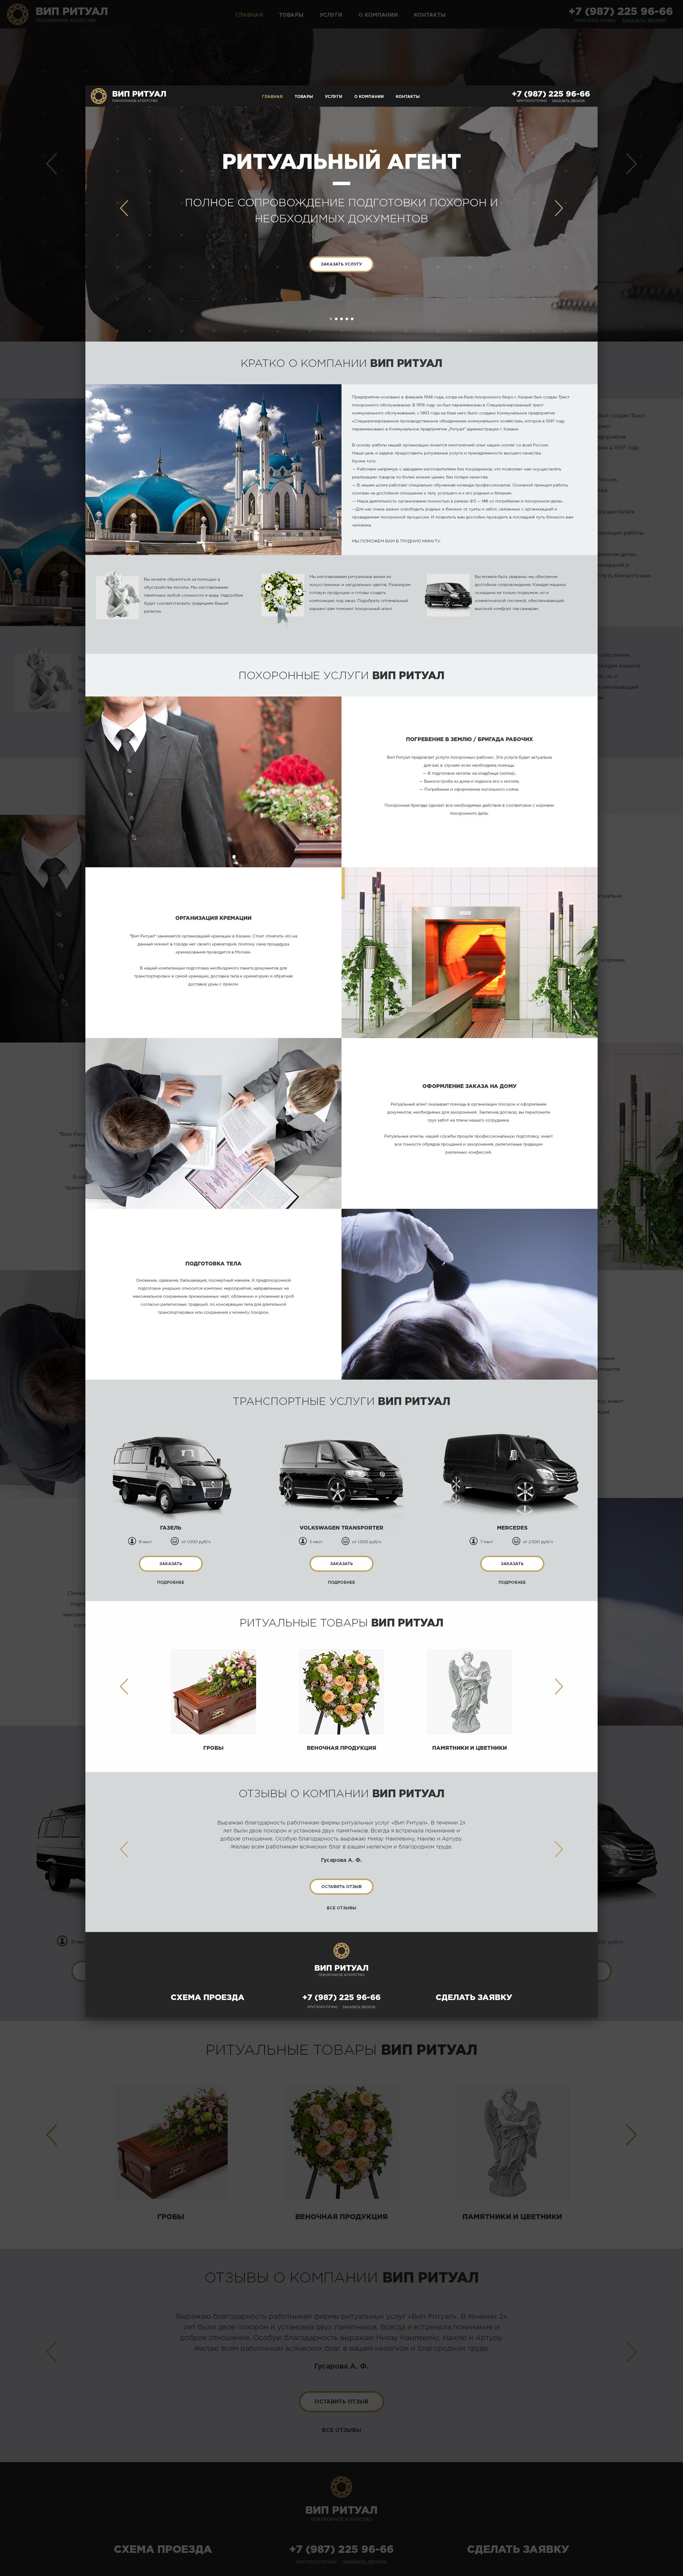 Нарисовать 2 дизайна сайтов направления ритуальных услуг  фото f_532596c5c05b824b.jpg